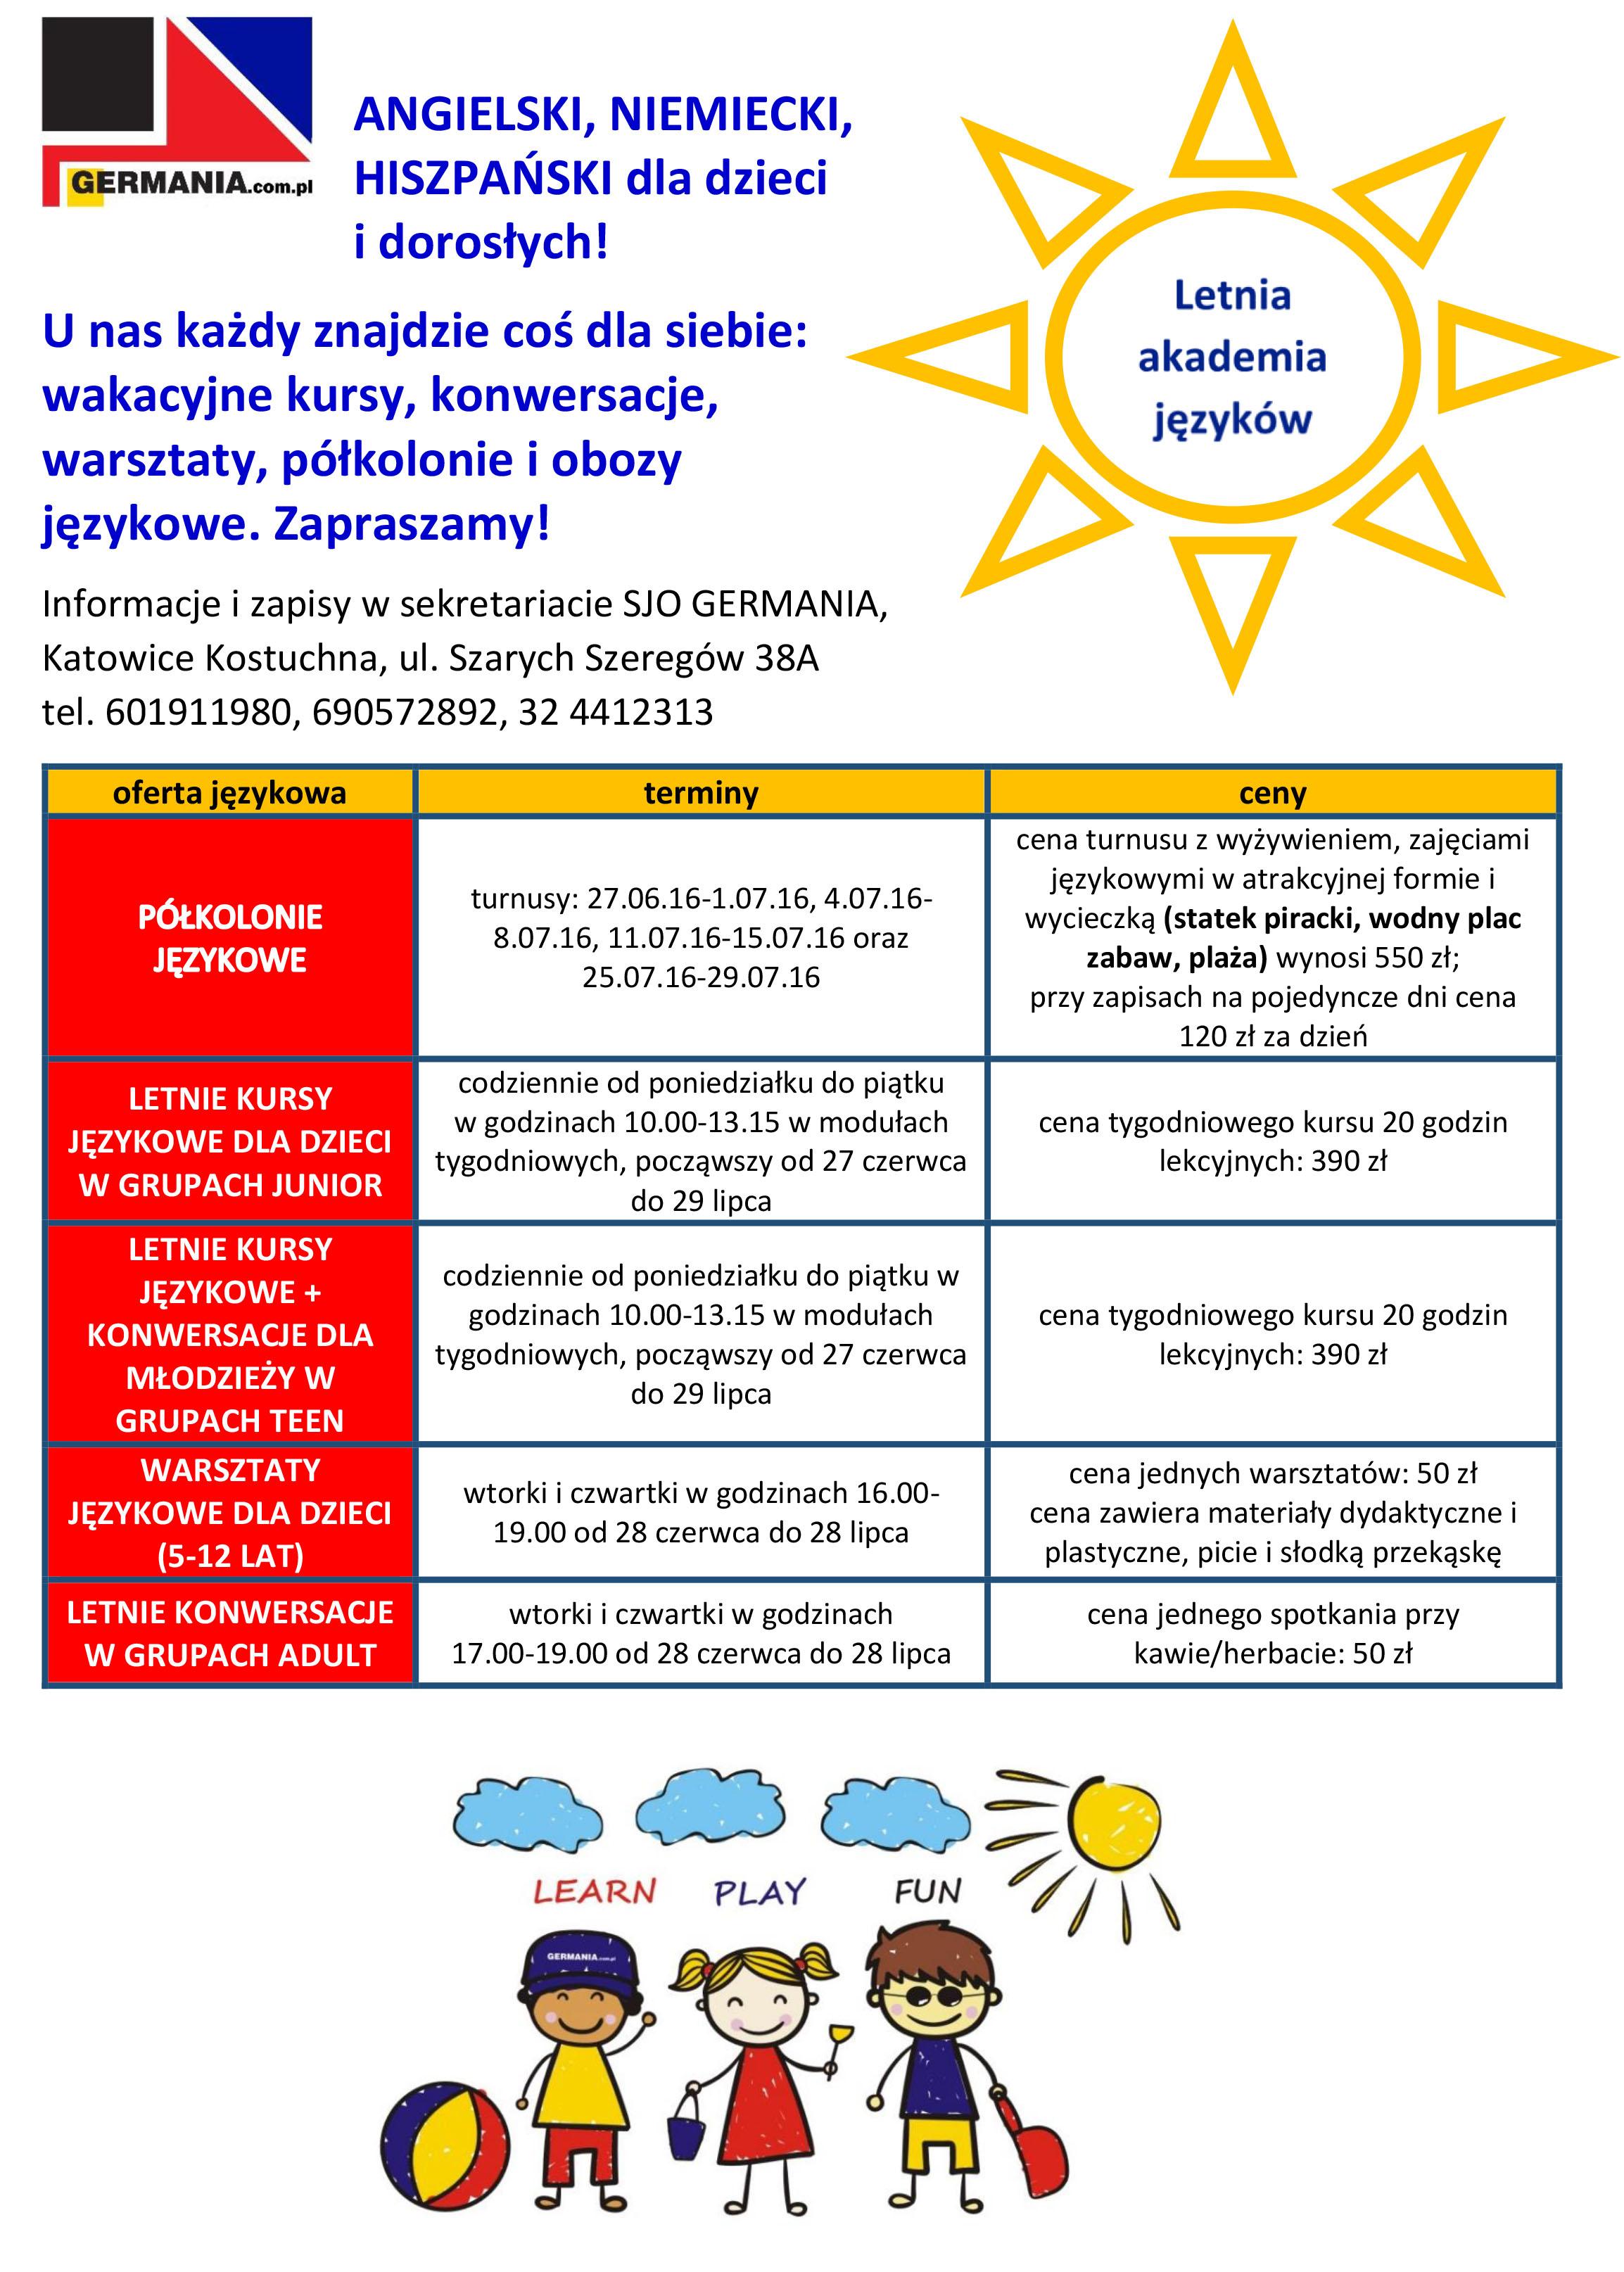 GERMANIA-LetniaAkademiaJęzyków